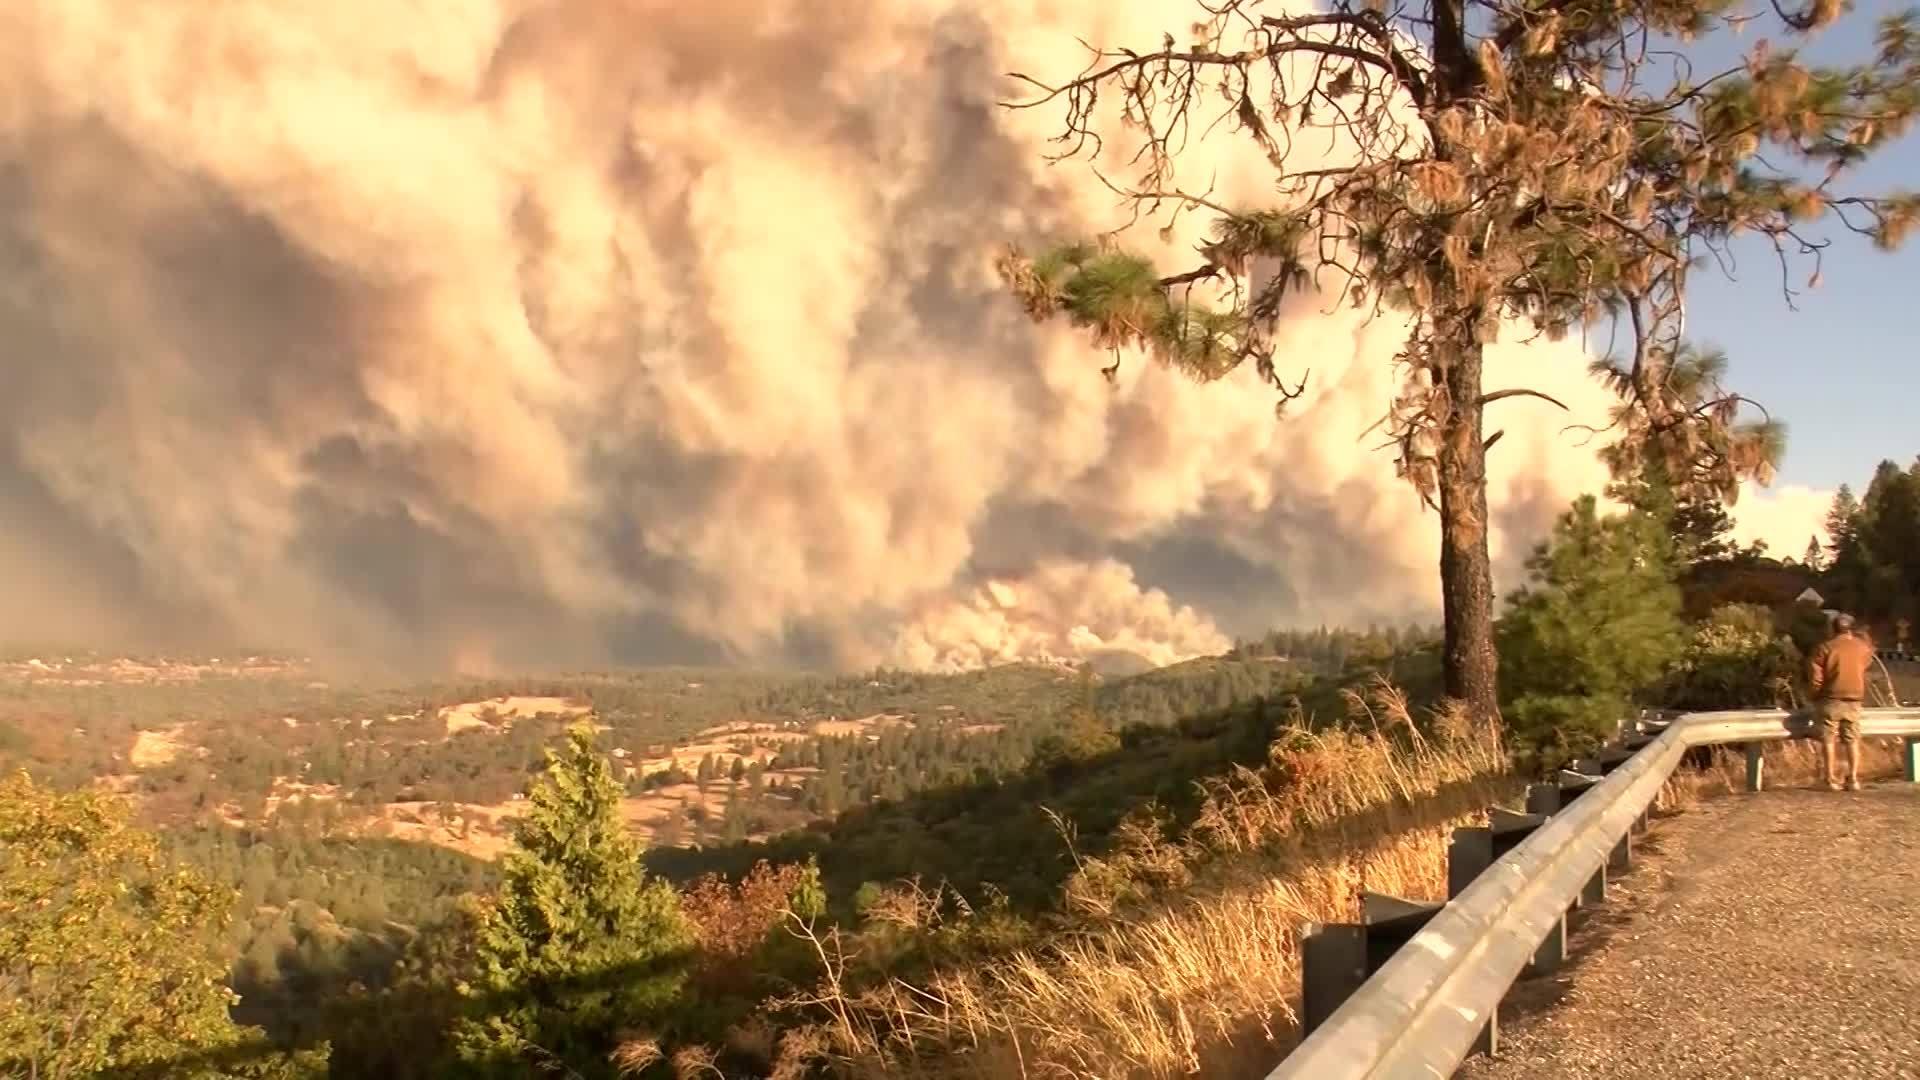 Unbelievable_smoke_in_Butte_County_0_20181108235548